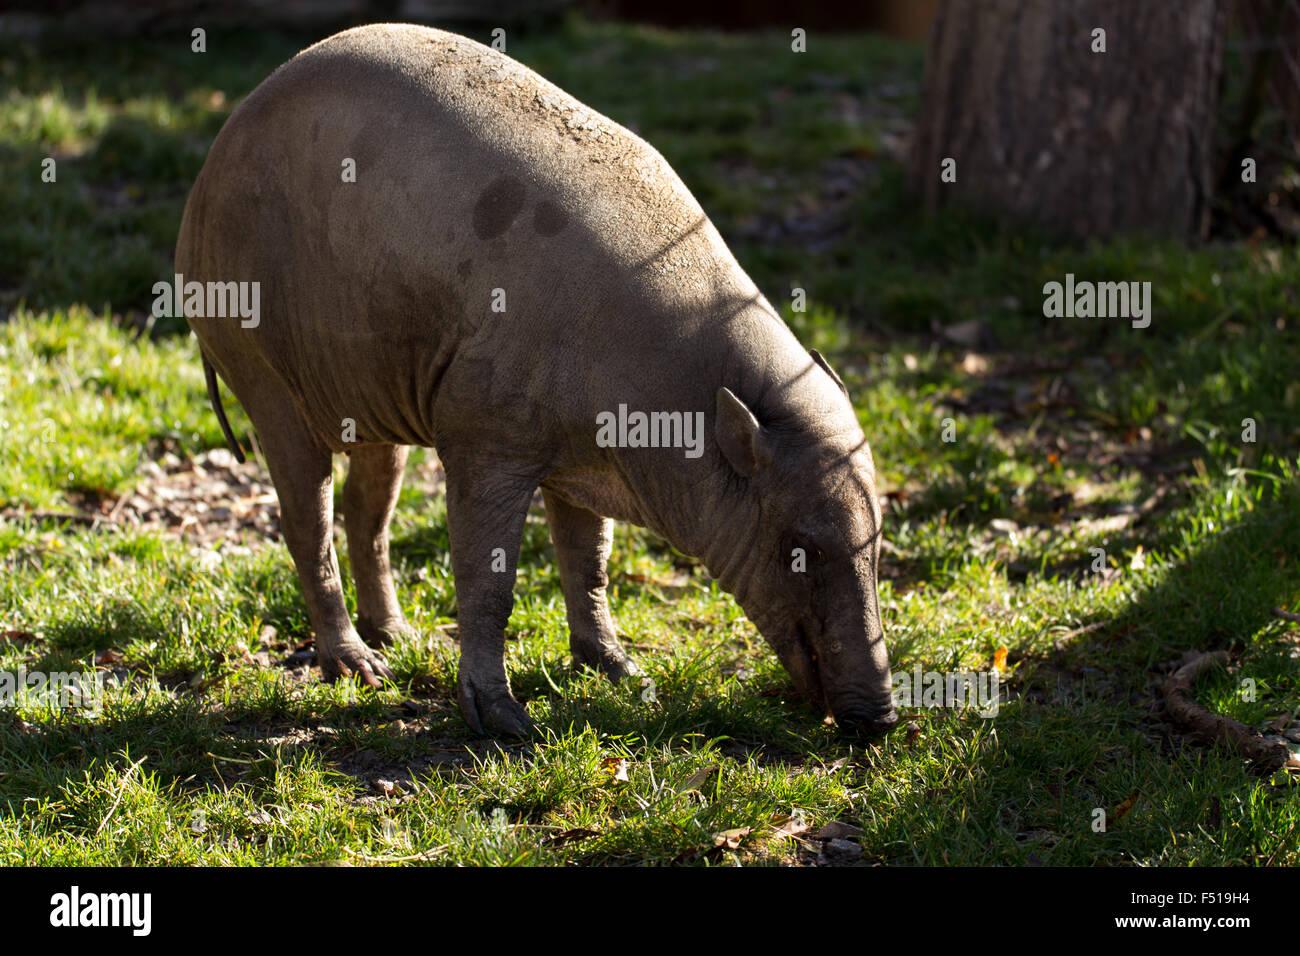 Endemic North Sulawesi mammal babirusa (Babiroussa celebensis) without tusk - Stock Image